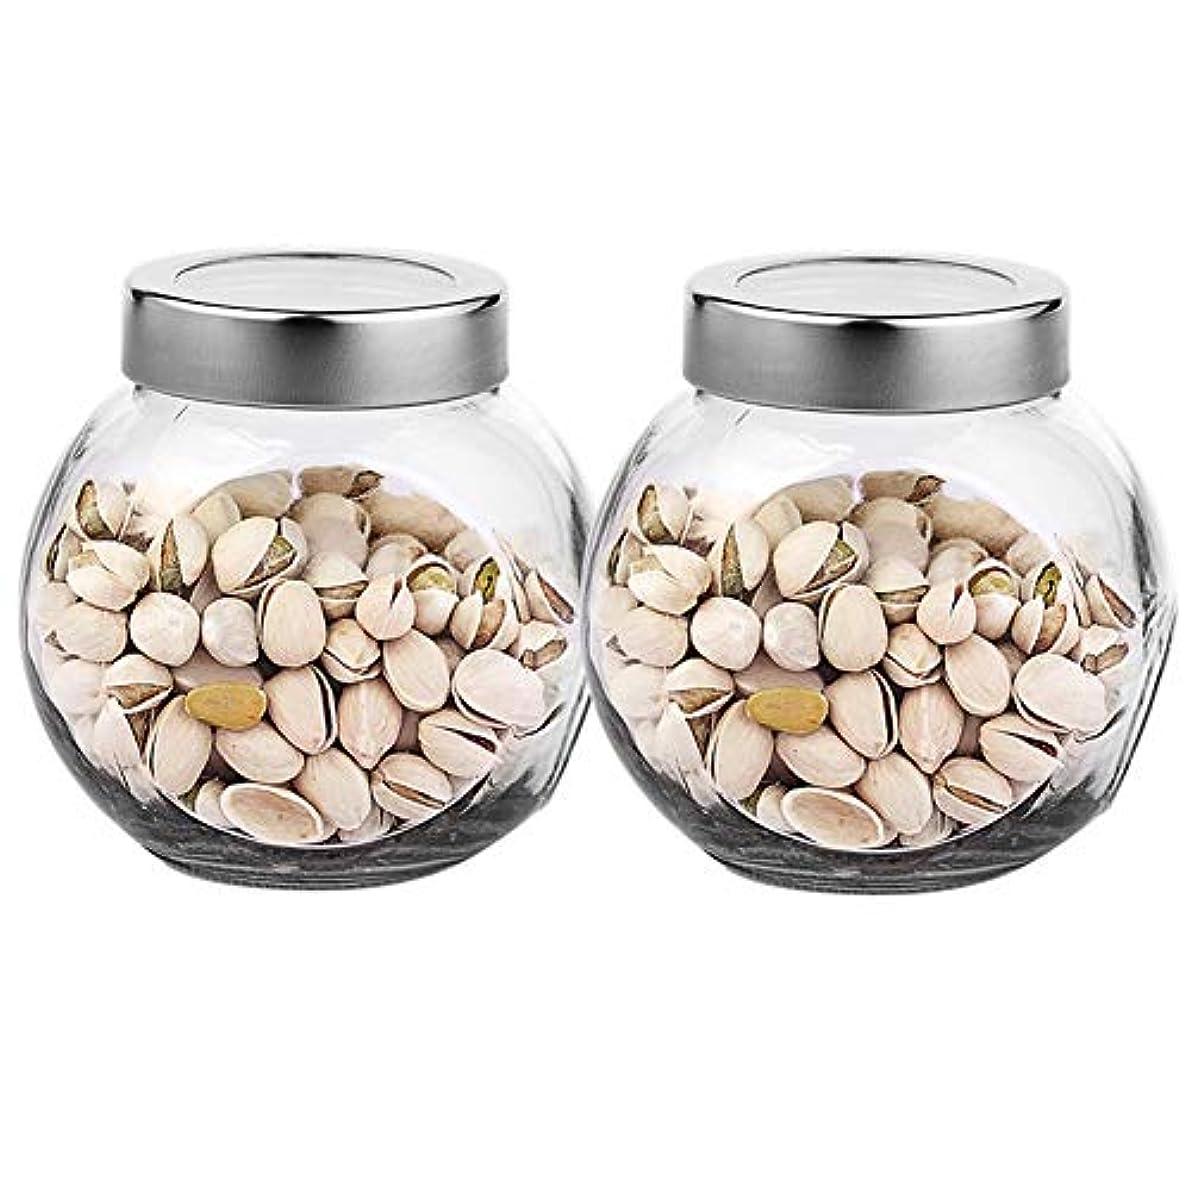 伝導率特徴浮浪者2つの透明ガラス貯蔵容器茶/季節密封缶の貯蔵ジャーパック(650 ml)